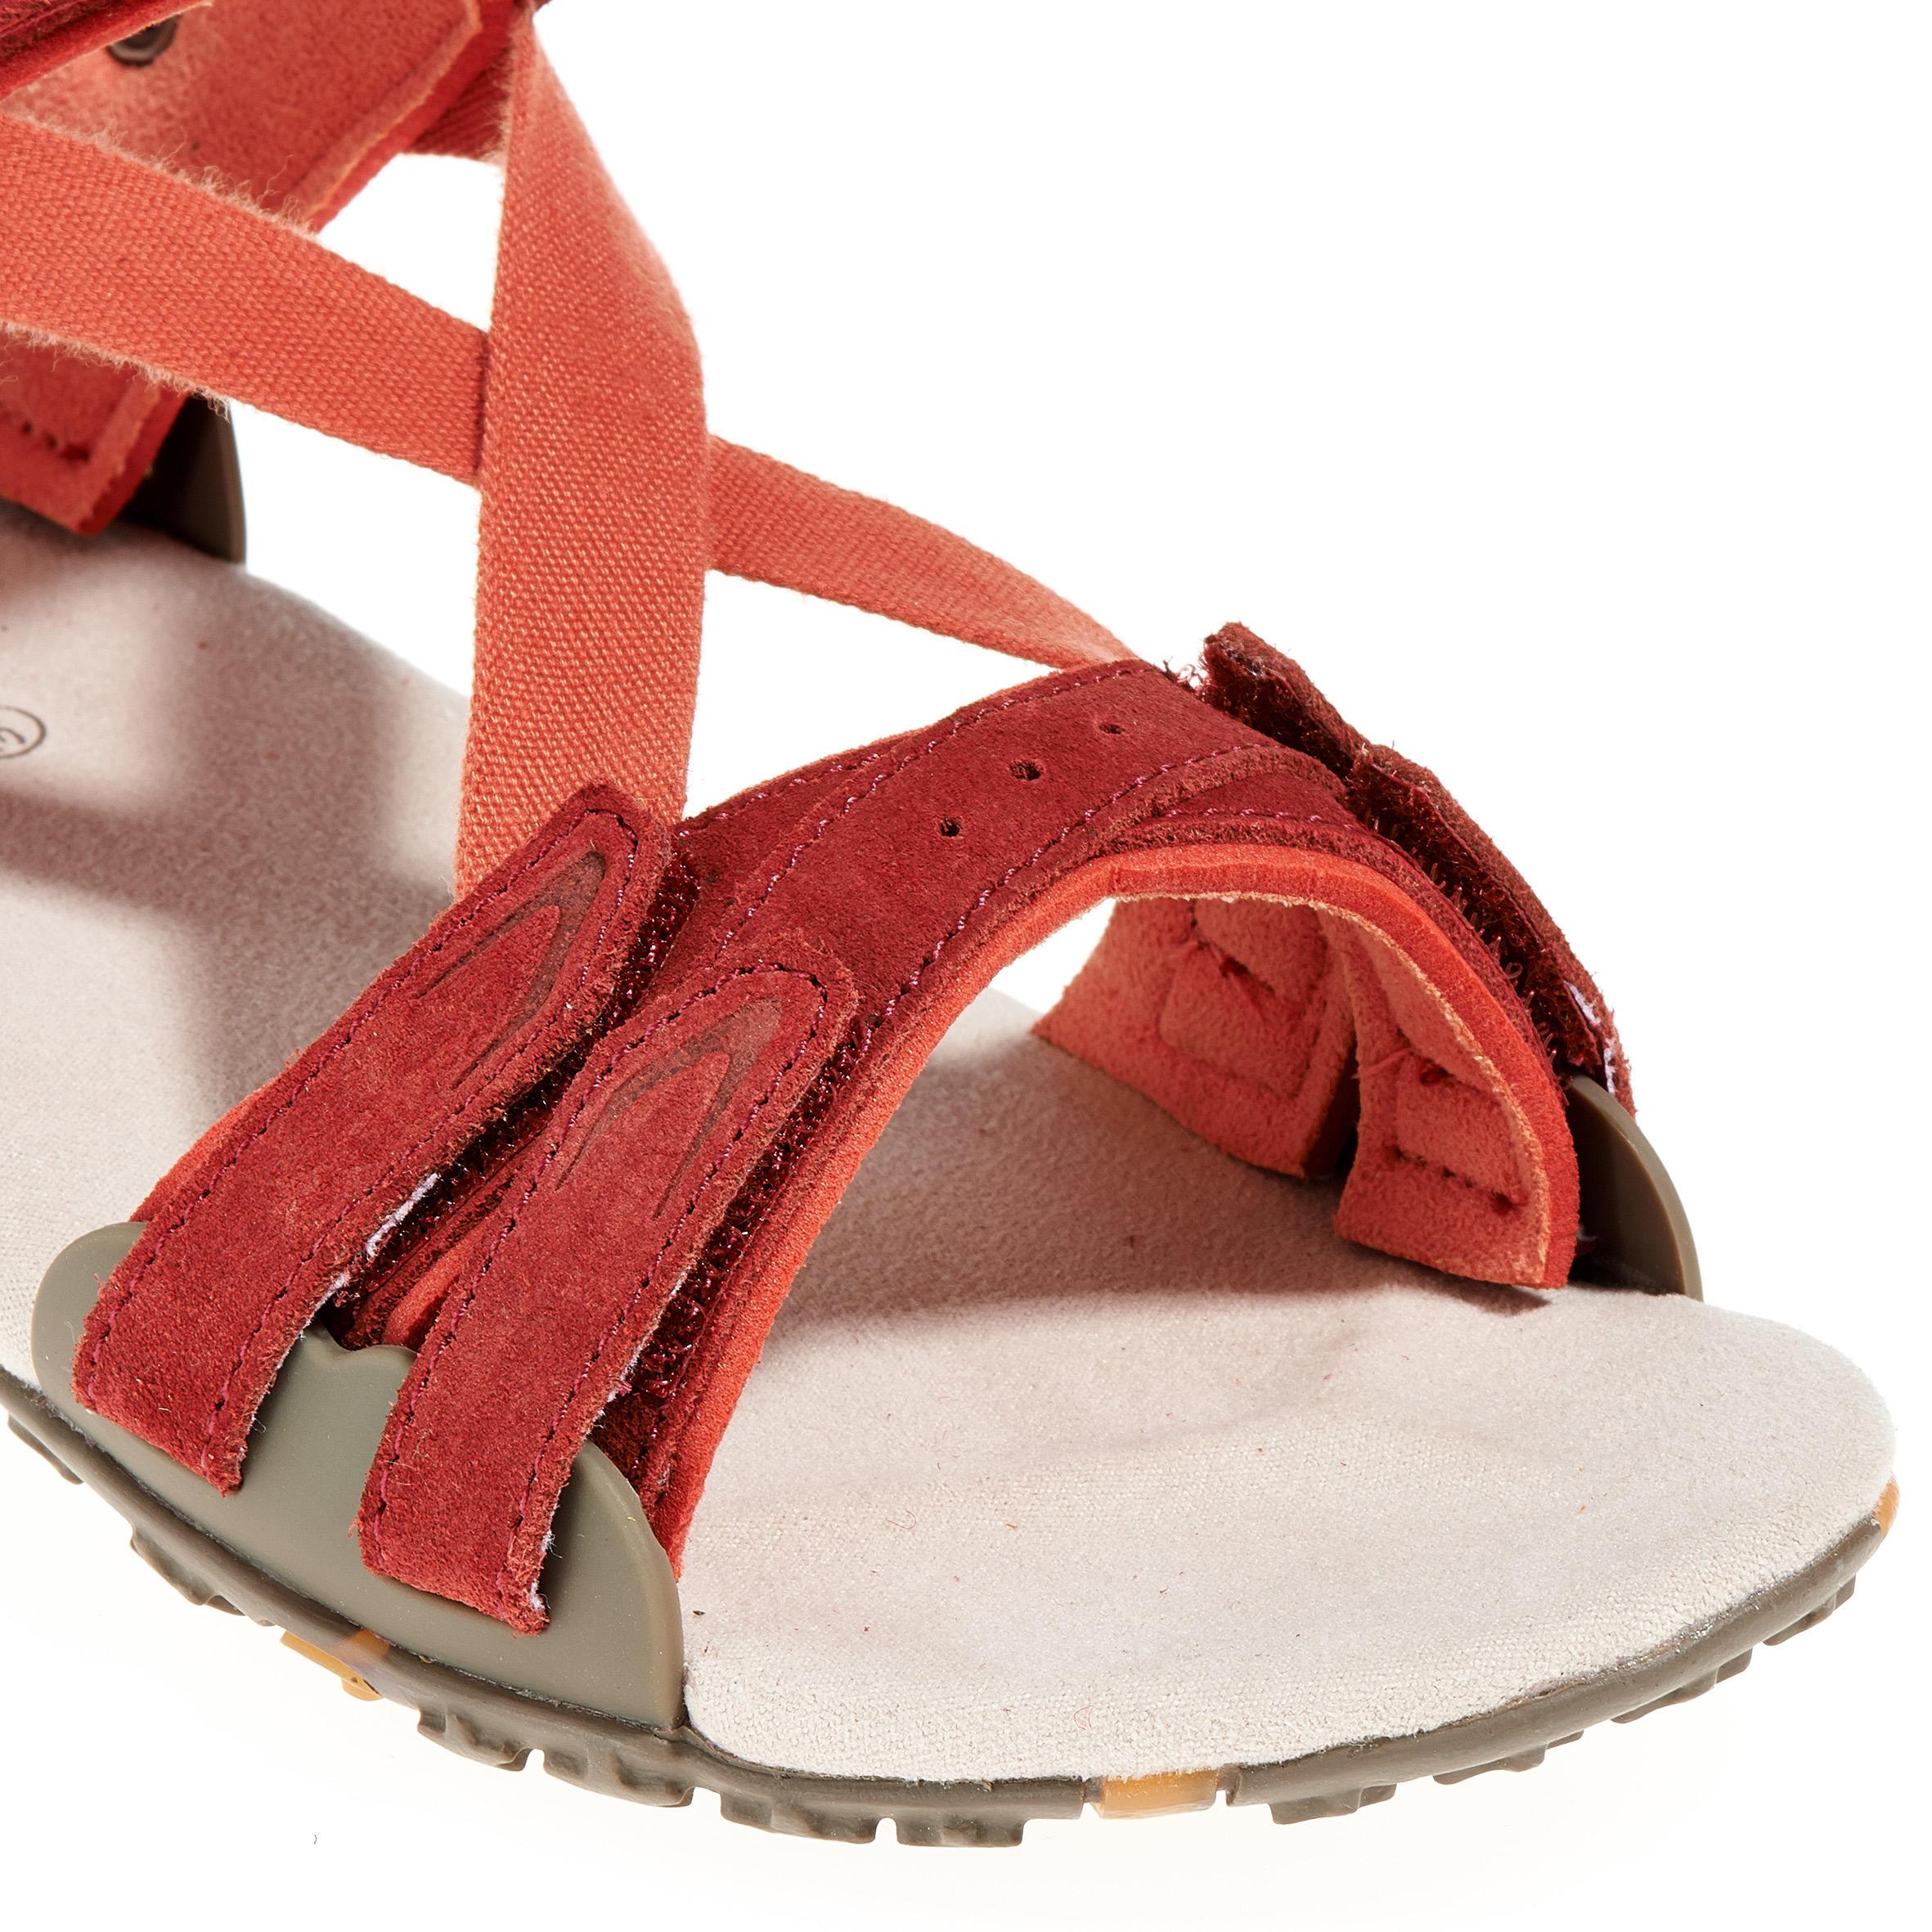 Swtich200 Brique Sandale Femme Randonnée Arpenaz XuOPkiZT